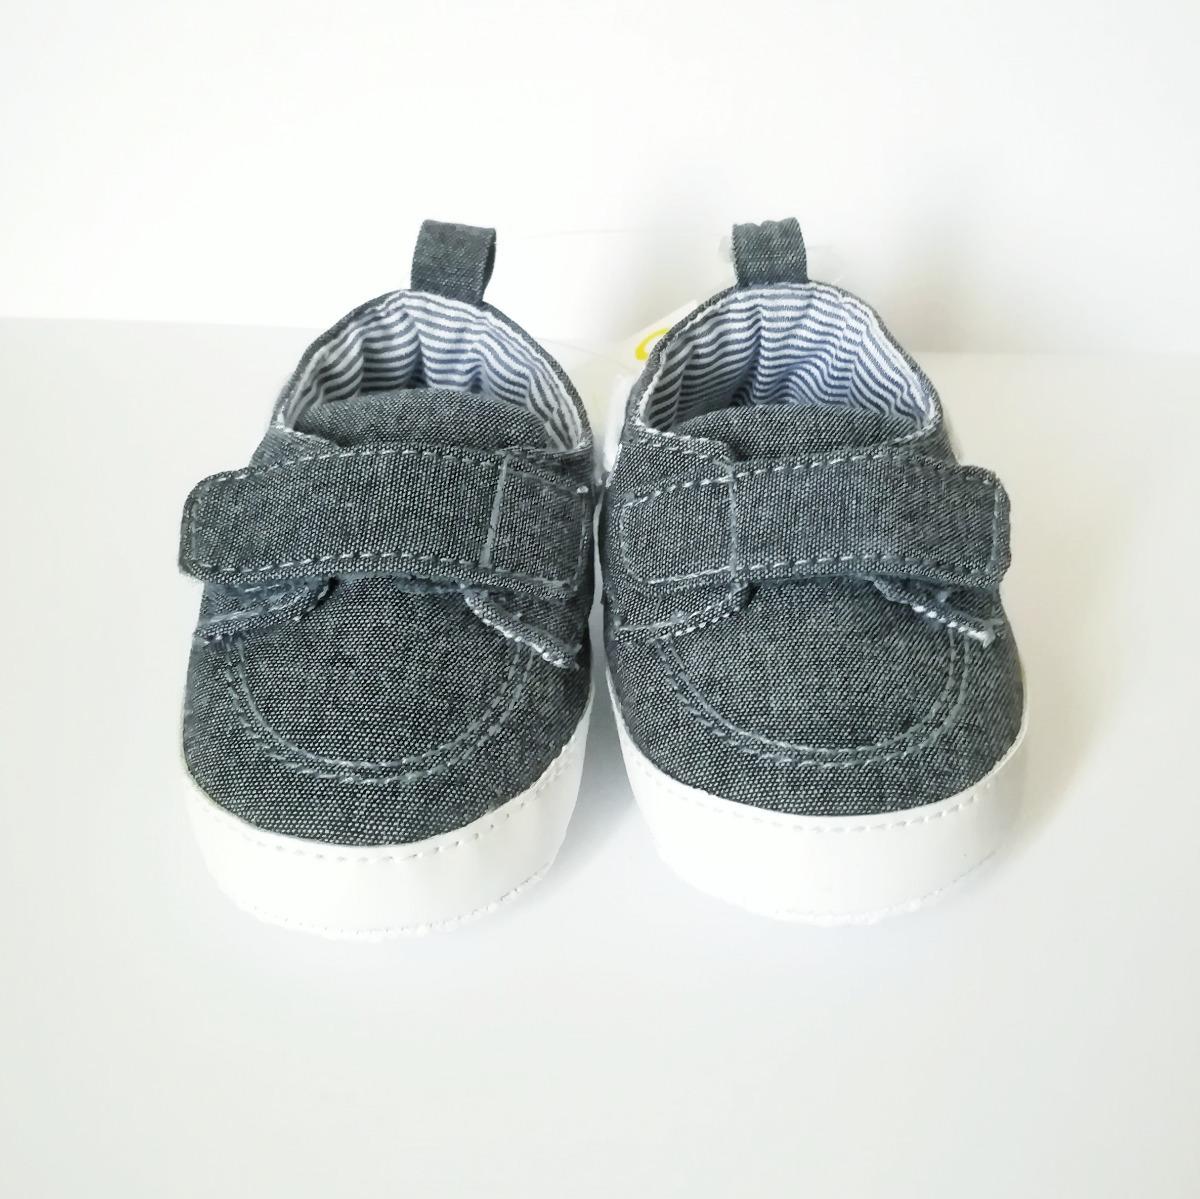 bc7dfe56 Zapatos Bebe Niño Primark - Bs. 49.000,00 en Mercado Libre